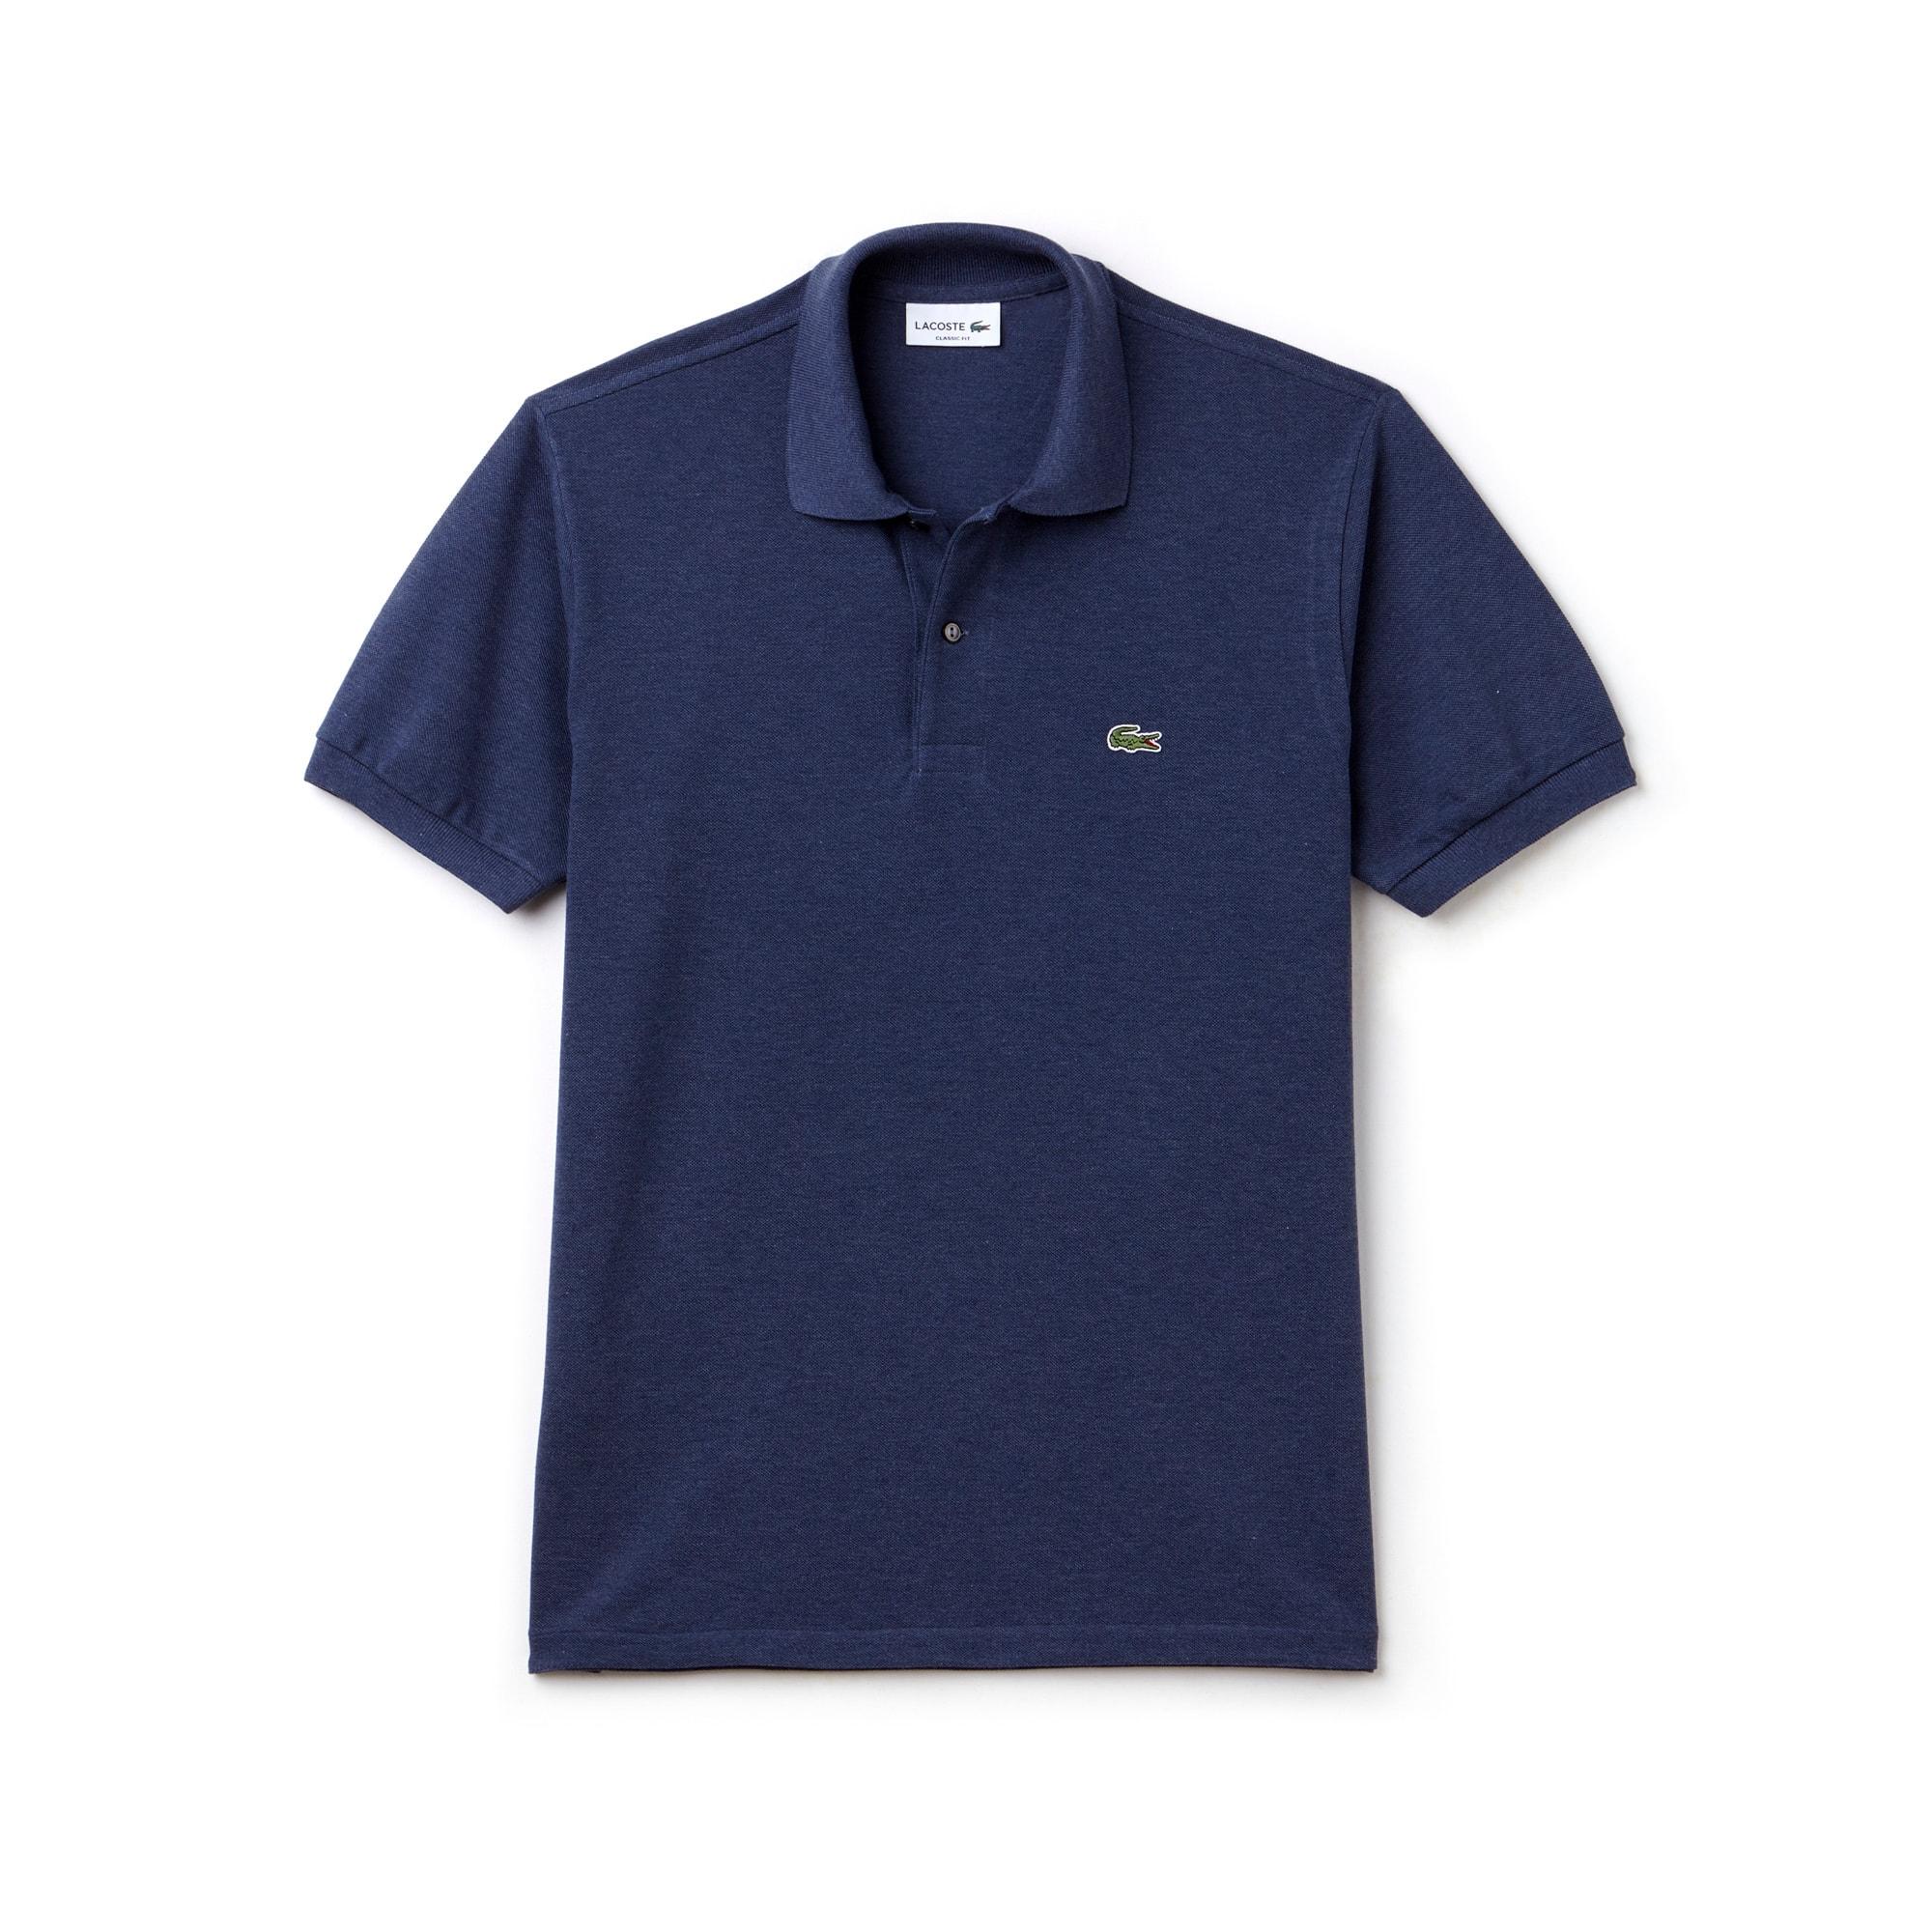 Men's Marl Knit L.12.12 Polo